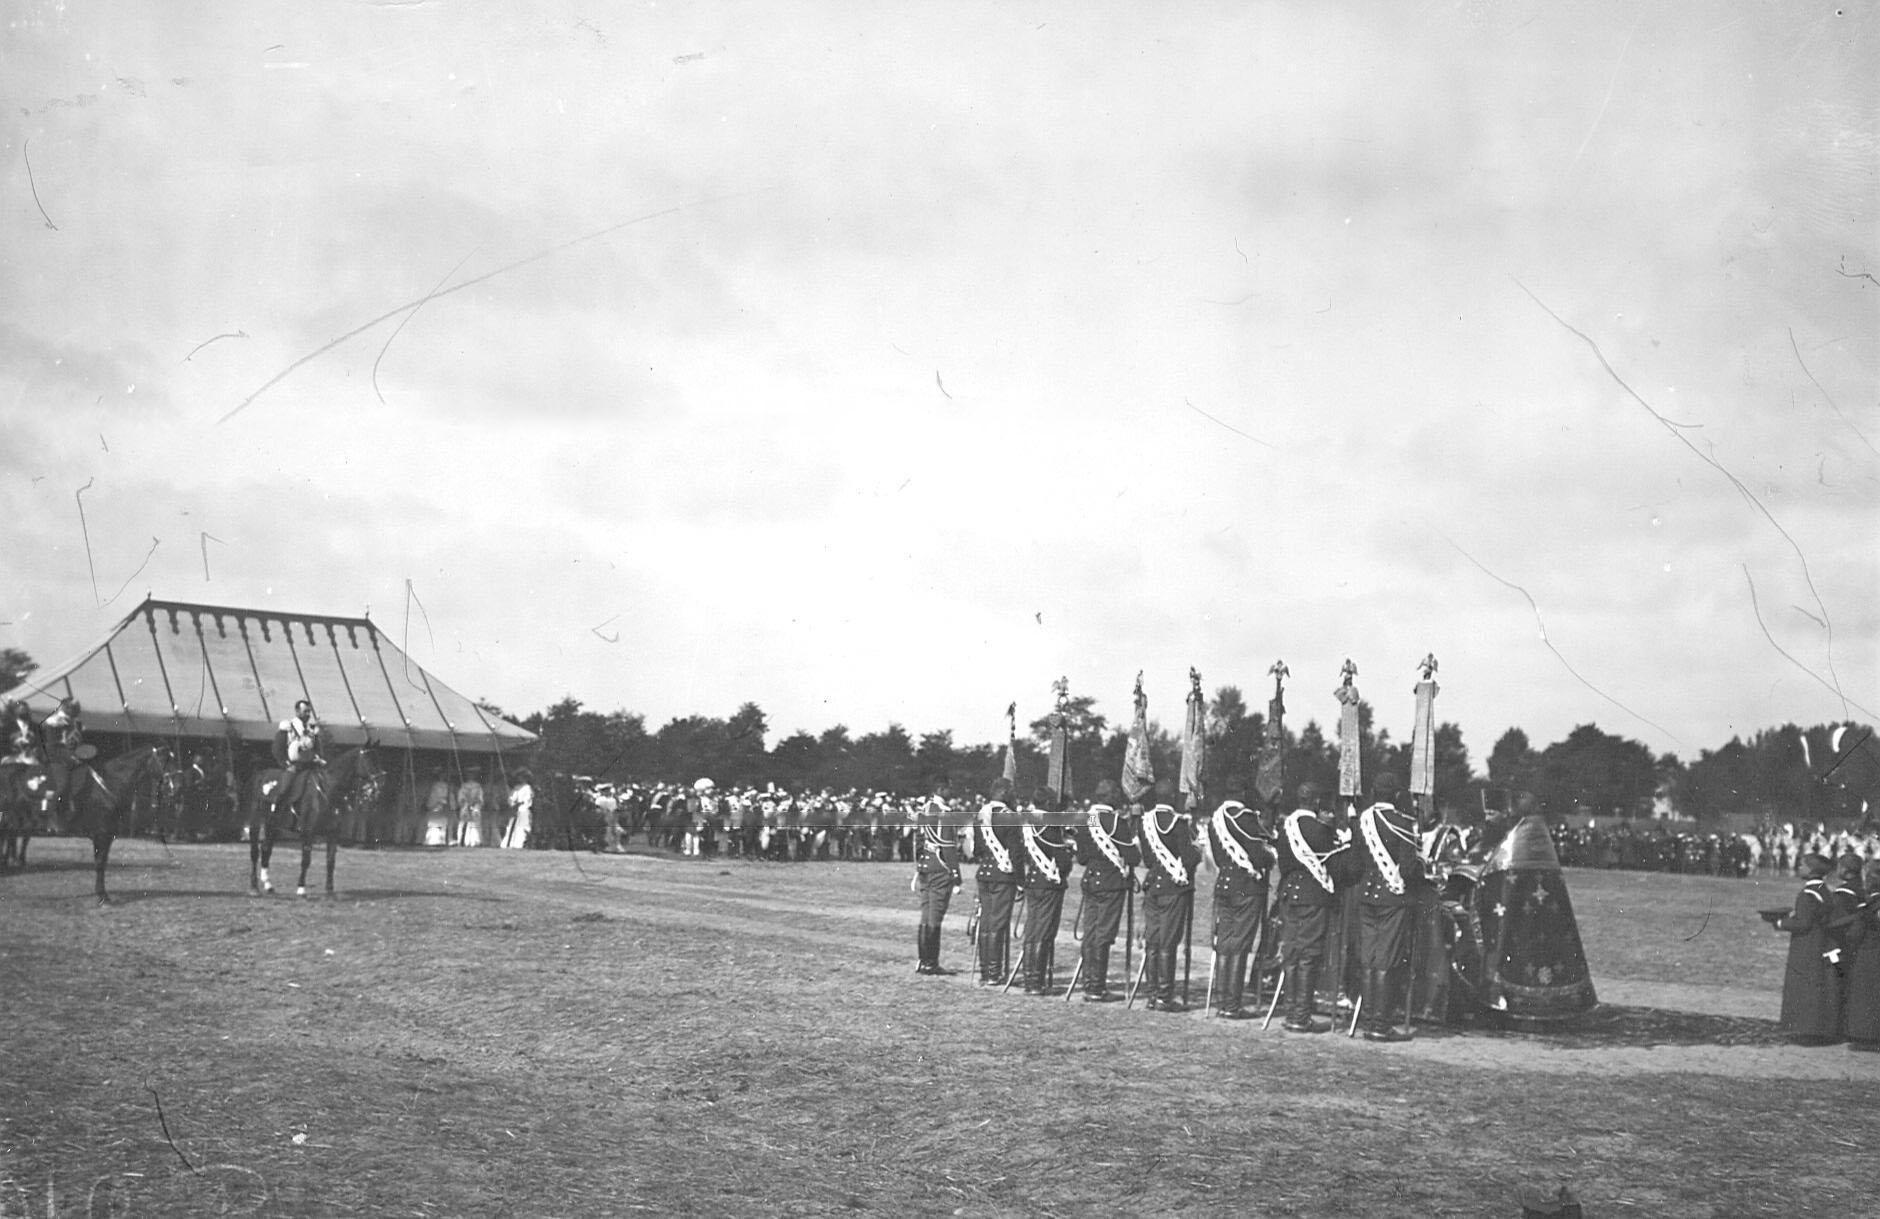 Молебен по случаю 250-летнего юбилея Уланского полка